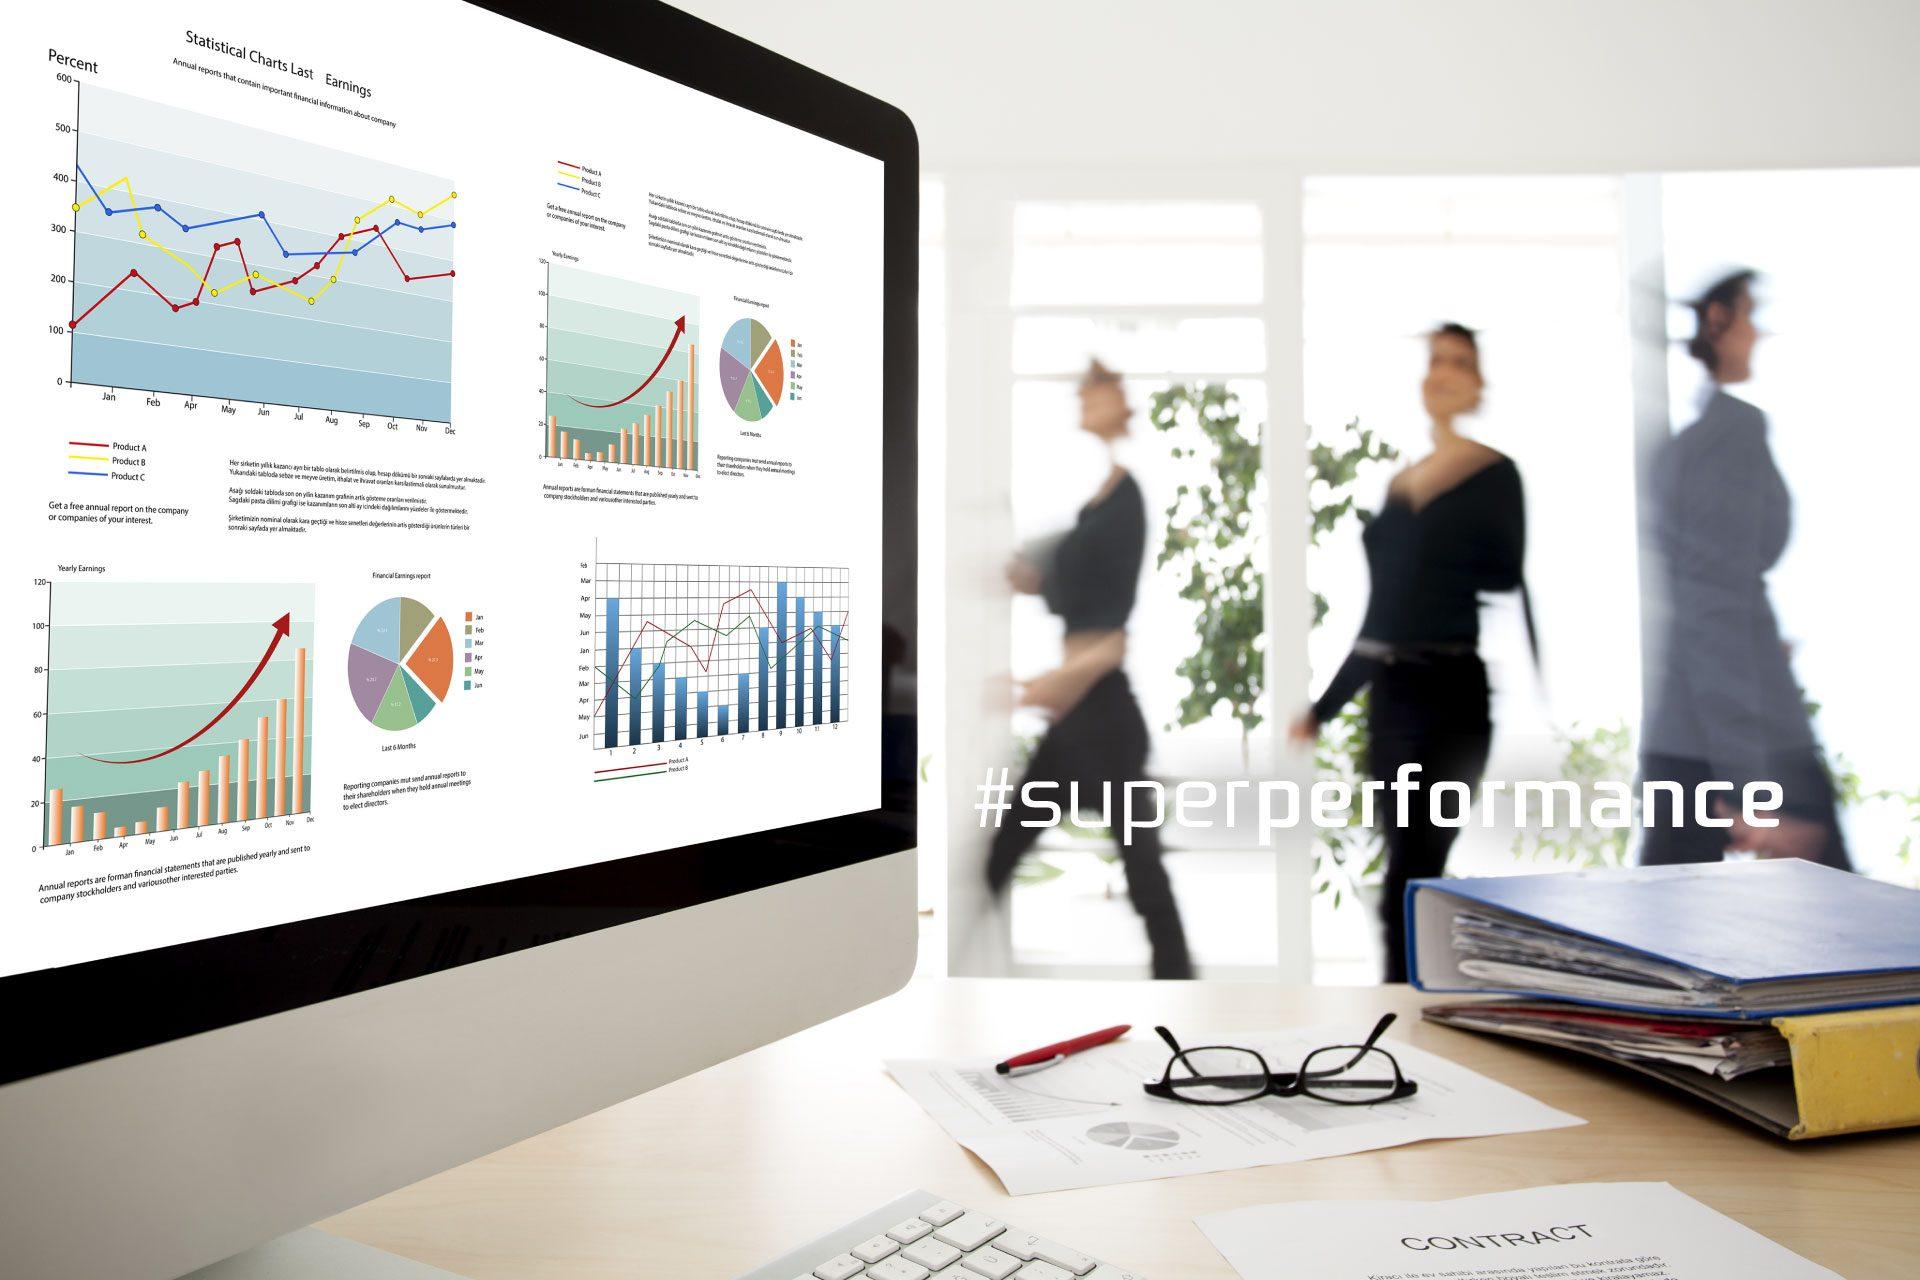 Buben & Mädchen - Agentur für Sales Performance